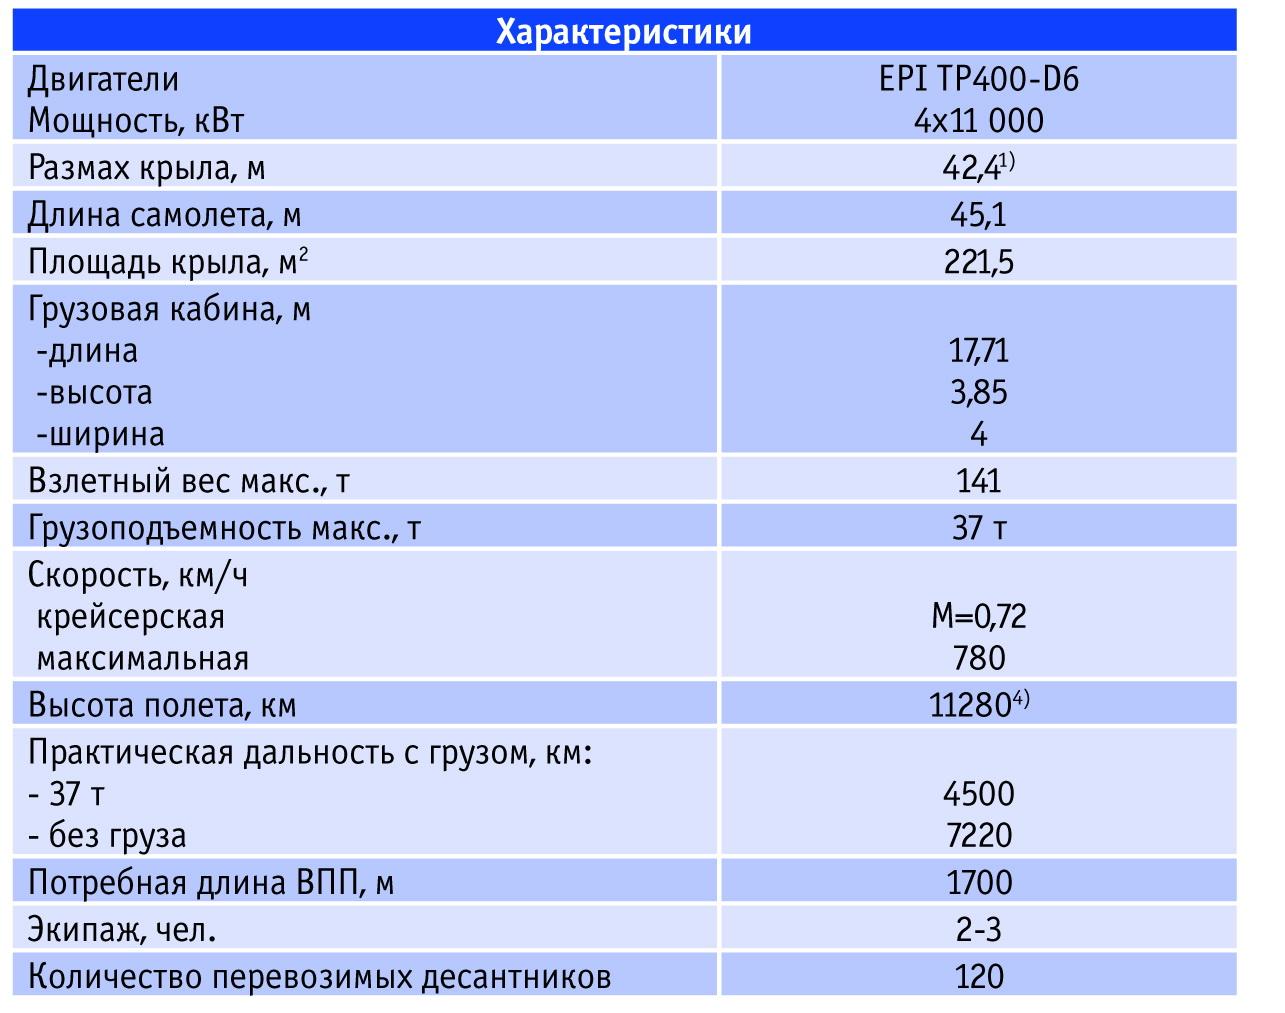 Основные характеристики самолета A-400M. Источник: Авиапанорама<br><br>Примечание. 1) По другим данным – 42,2 м; <br>2) По другим данным – 130 т; 3) По другим данным – 750 км/ч; 4) Практический потолок; <br>5) По другим данным – 6000 км.<br>.